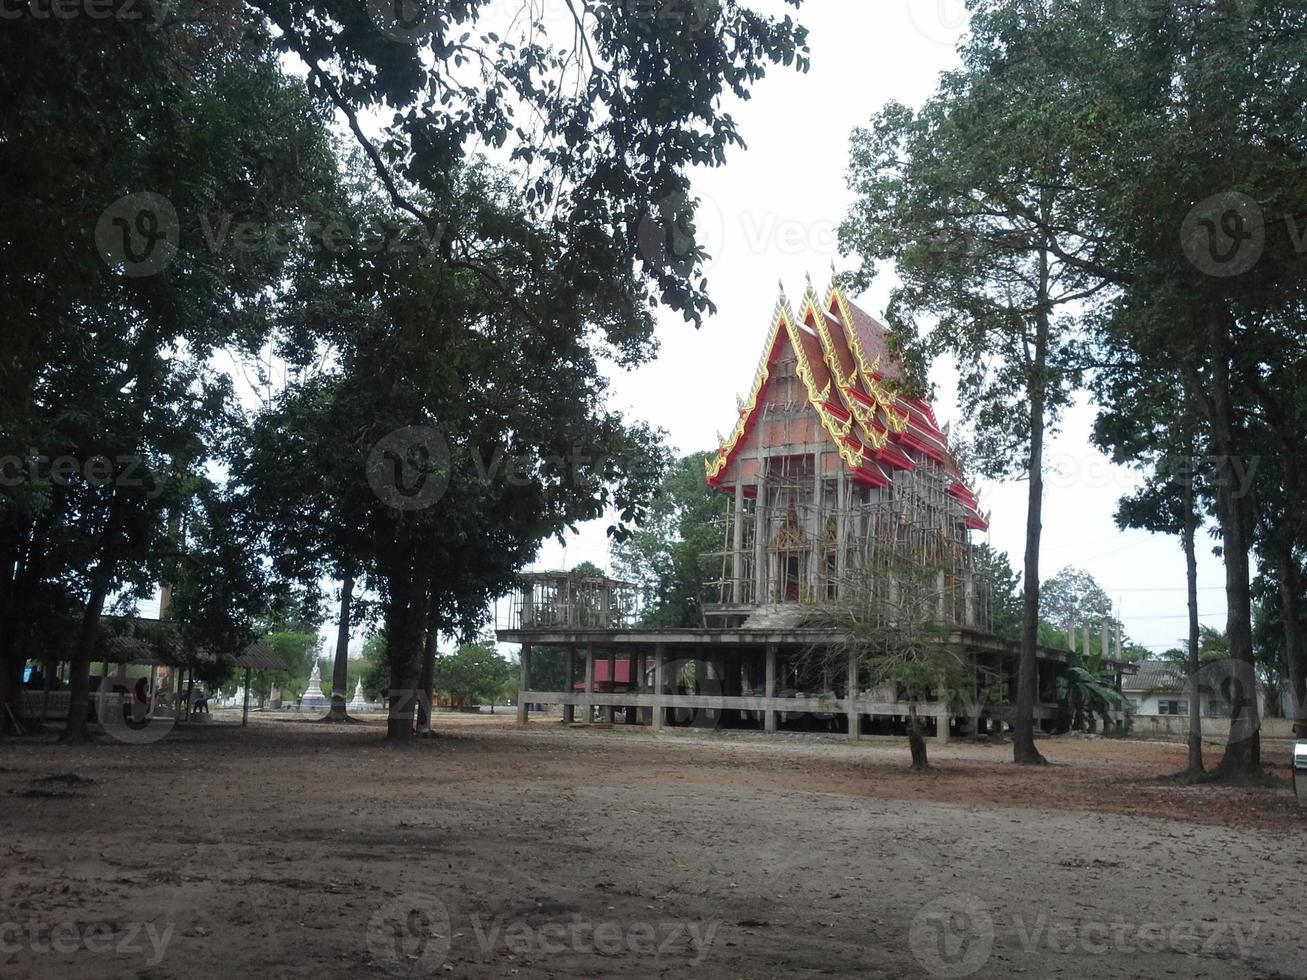 tempel under konstruktion foto